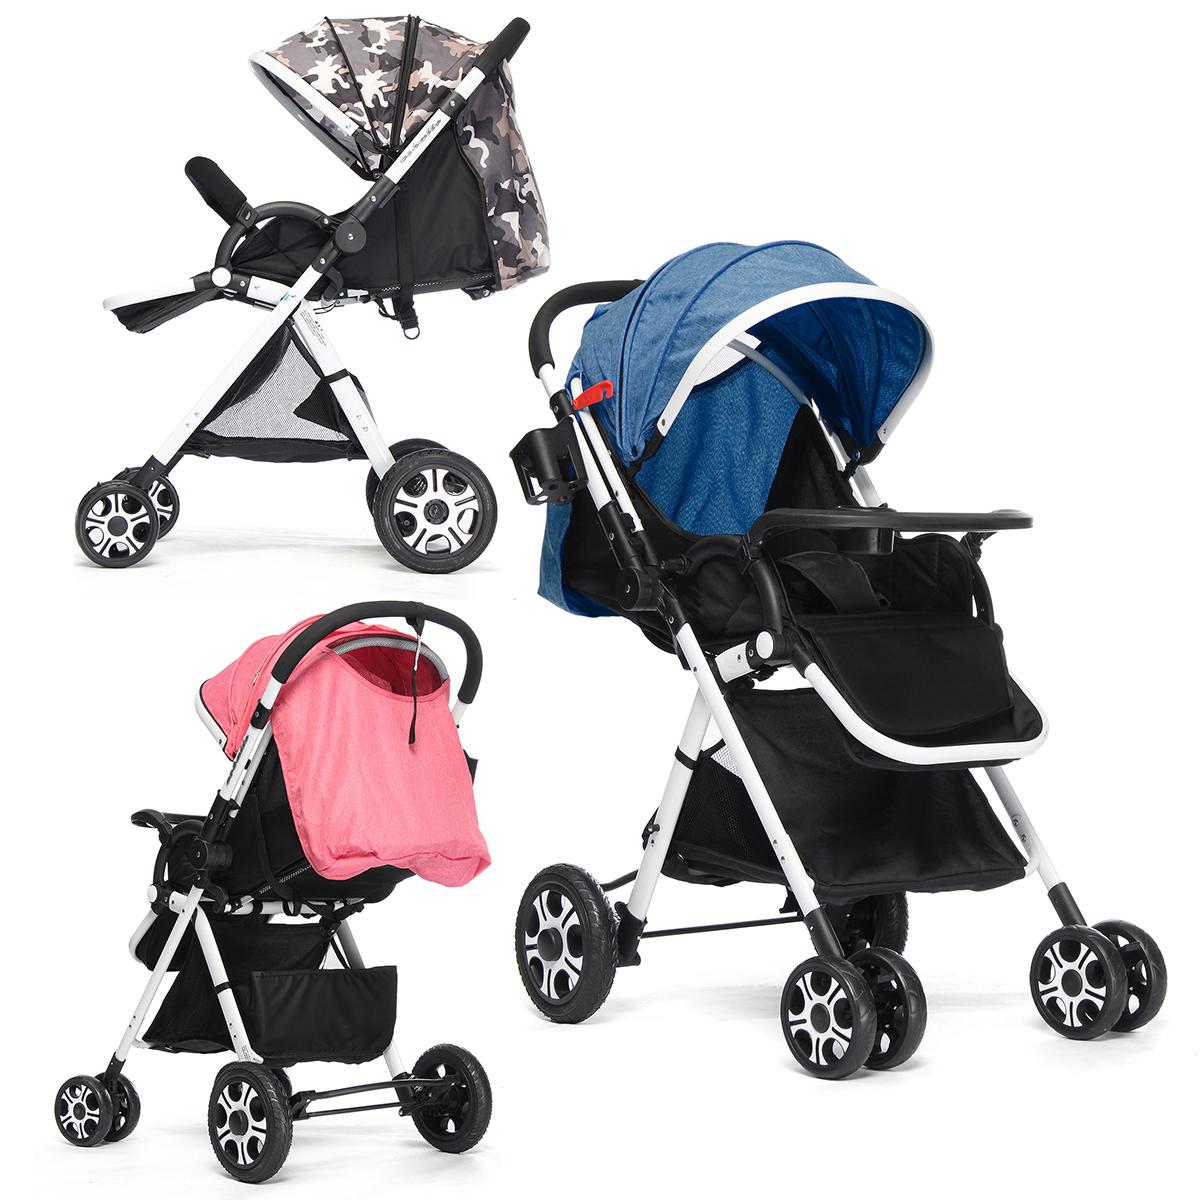 Регулируемая детская коляска Коляска Складная Багги Легкий Jogger Travel Авто